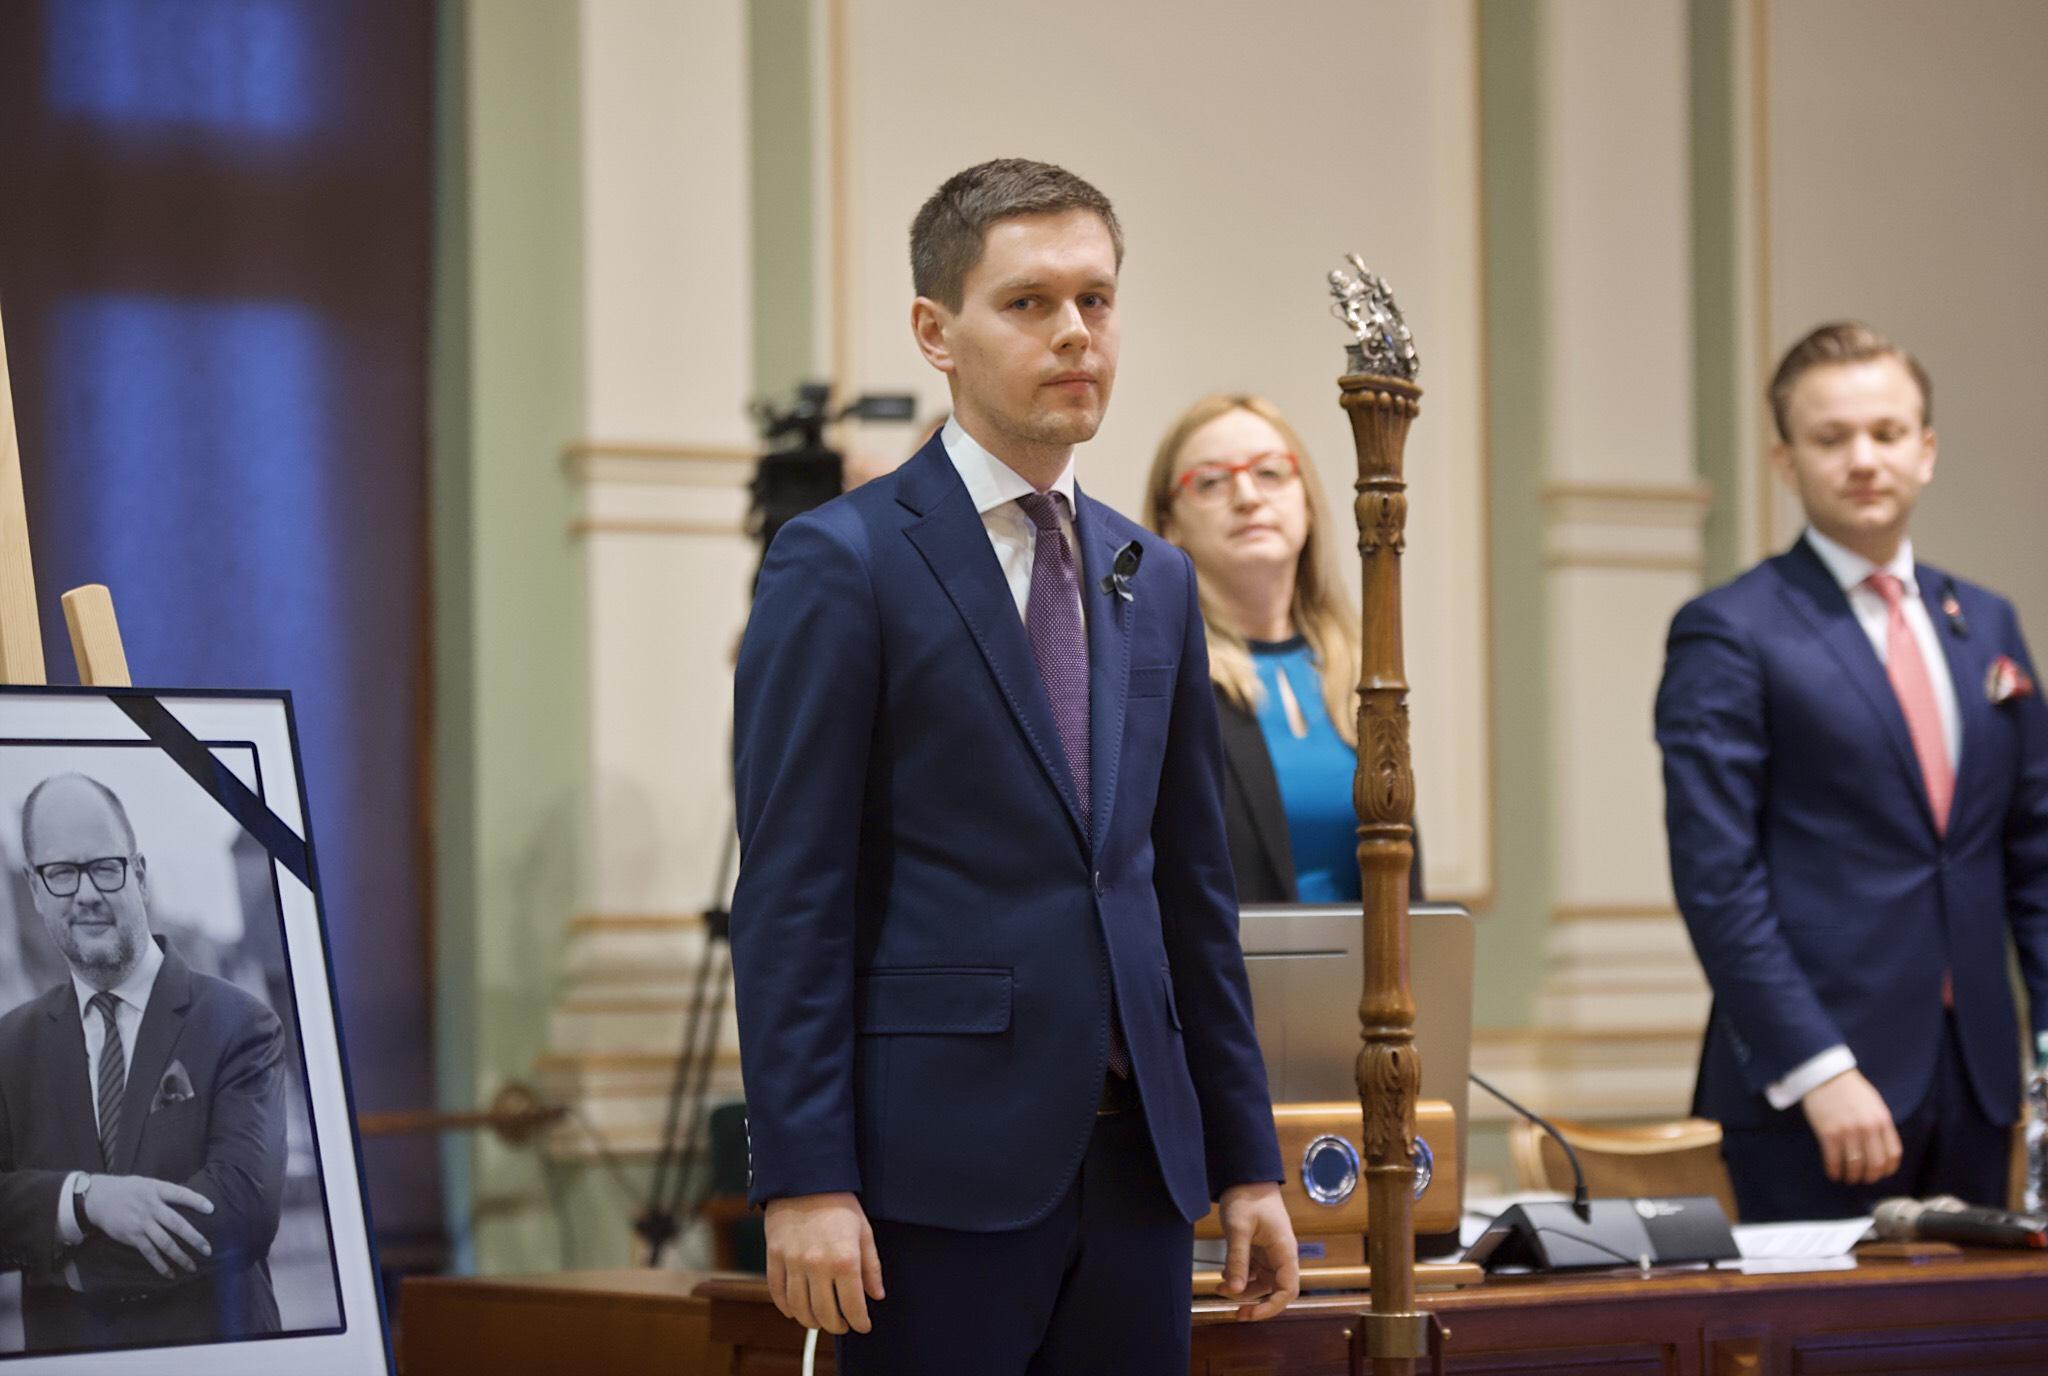 Michał Hajduk objął mandat radnego KO po Piotrze Borawskim, który powołany został na stanowisko zastępcy prezydenta Gdańska (fot. Dominik Paszliński/www.gdansk.pl)